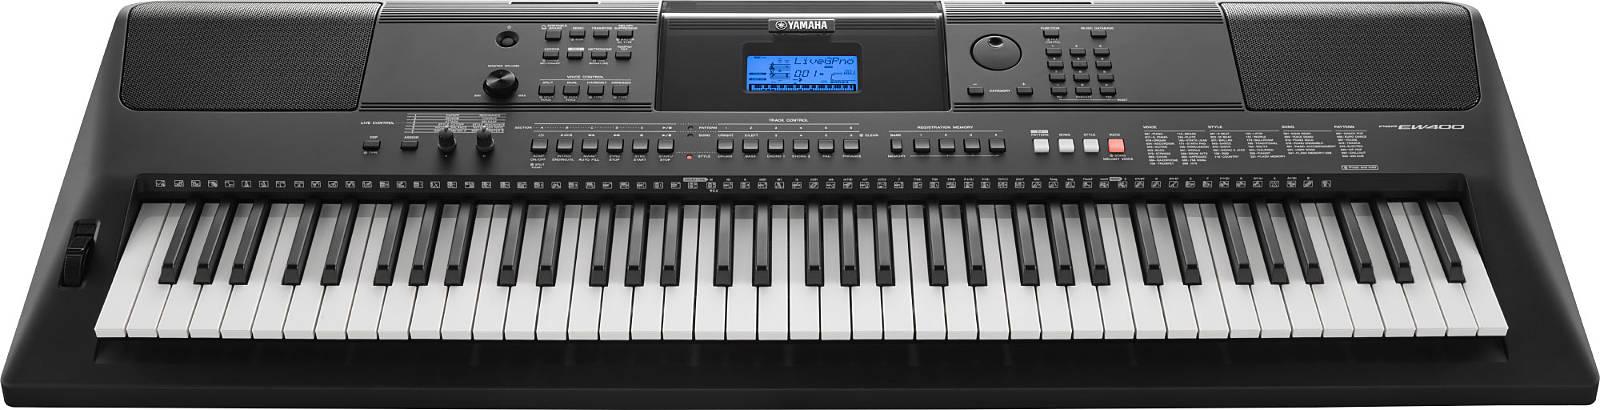 Starter Yamaha Keyboard